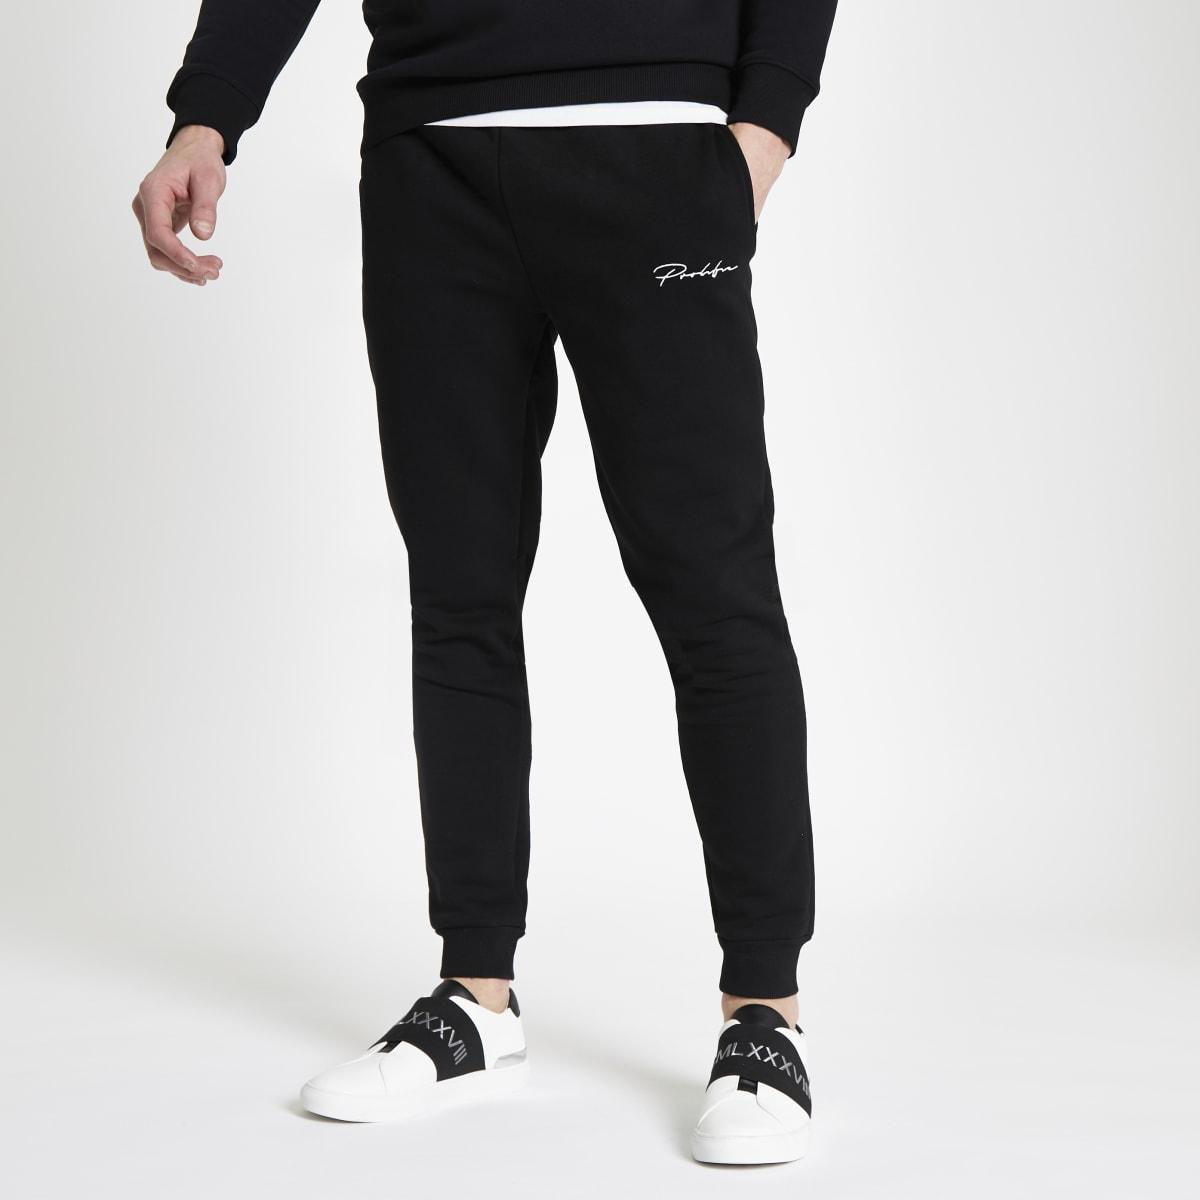 Pantalon de jogging slim à inscription « Prolific » noir